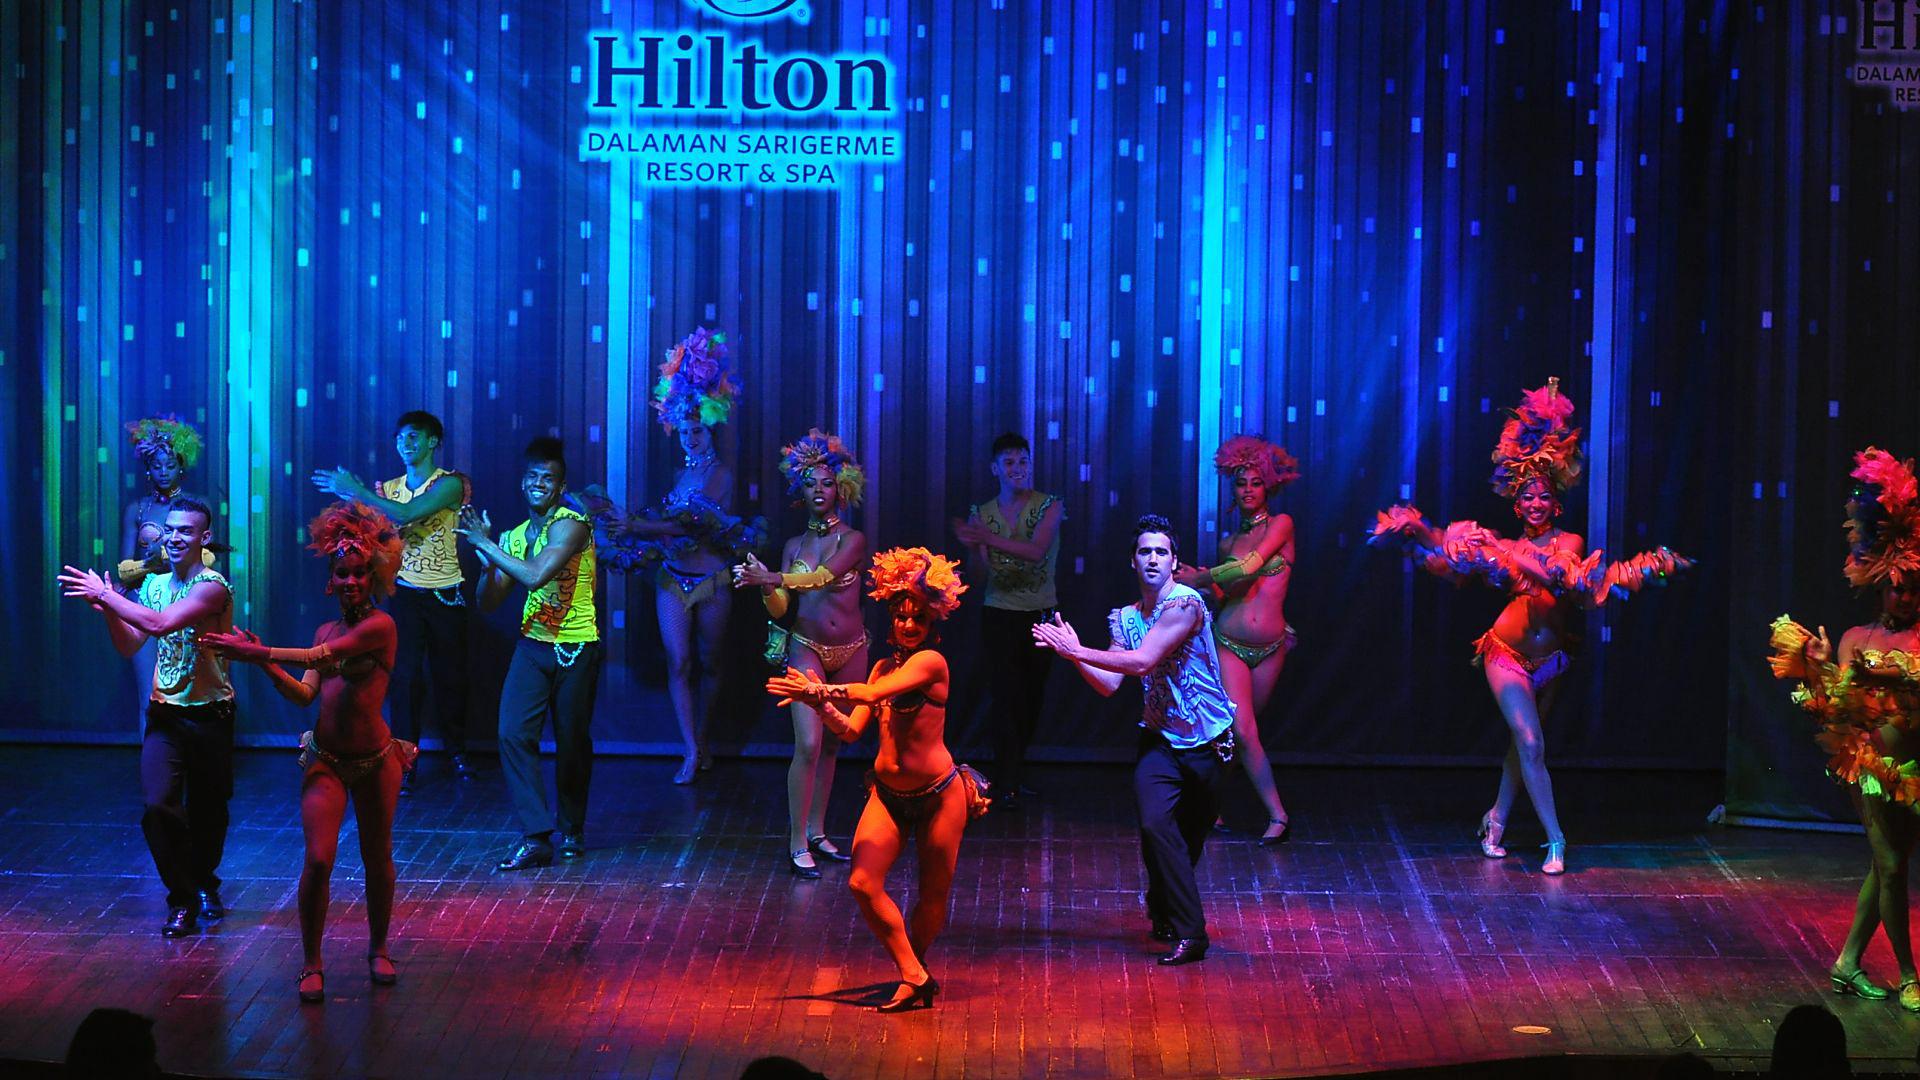 Hilton Dalaman Sarigerme Show